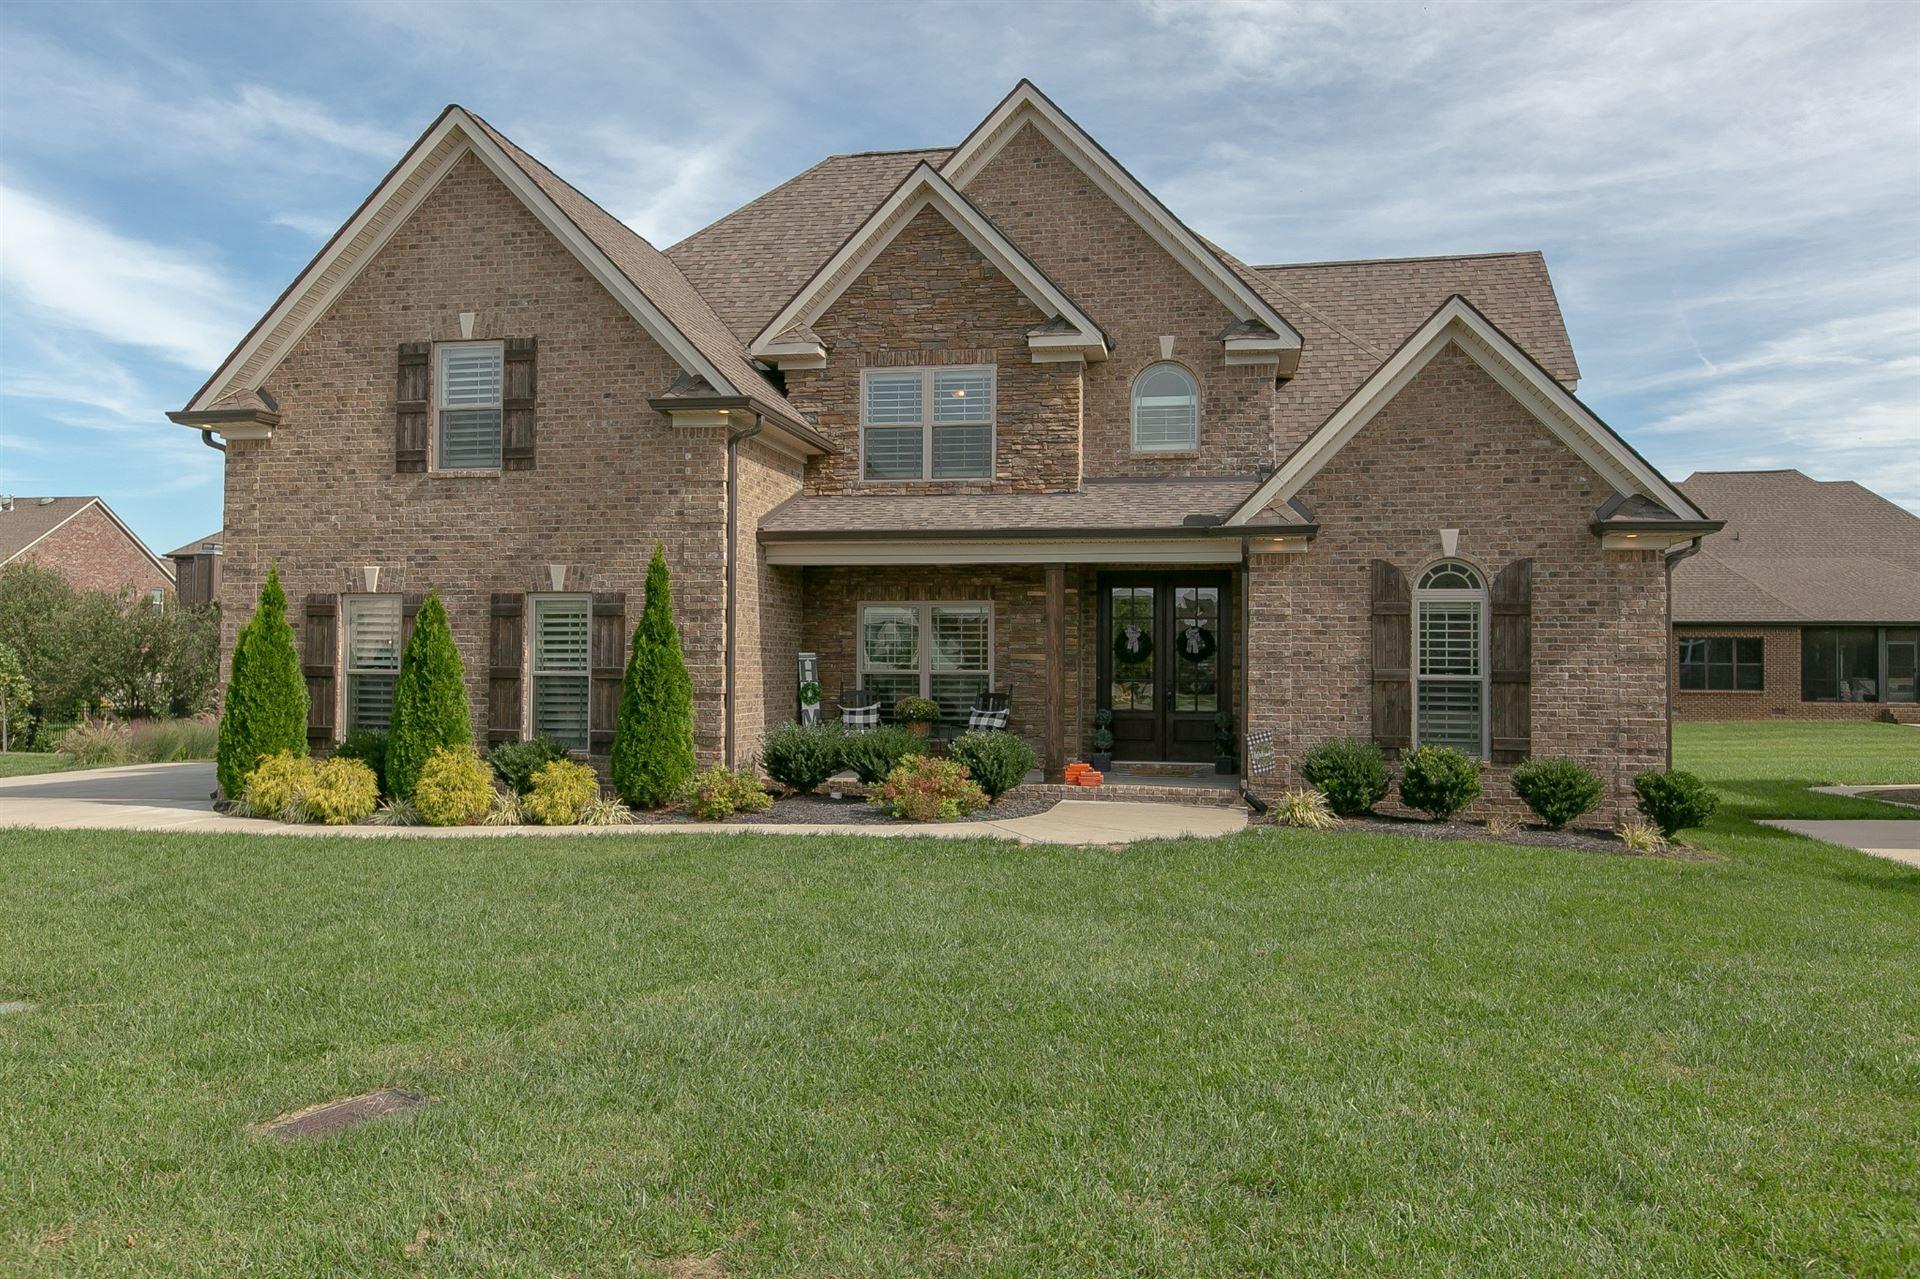 4314 Brazelton Ct, Murfreesboro, TN 37128 - MLS#: 2301628